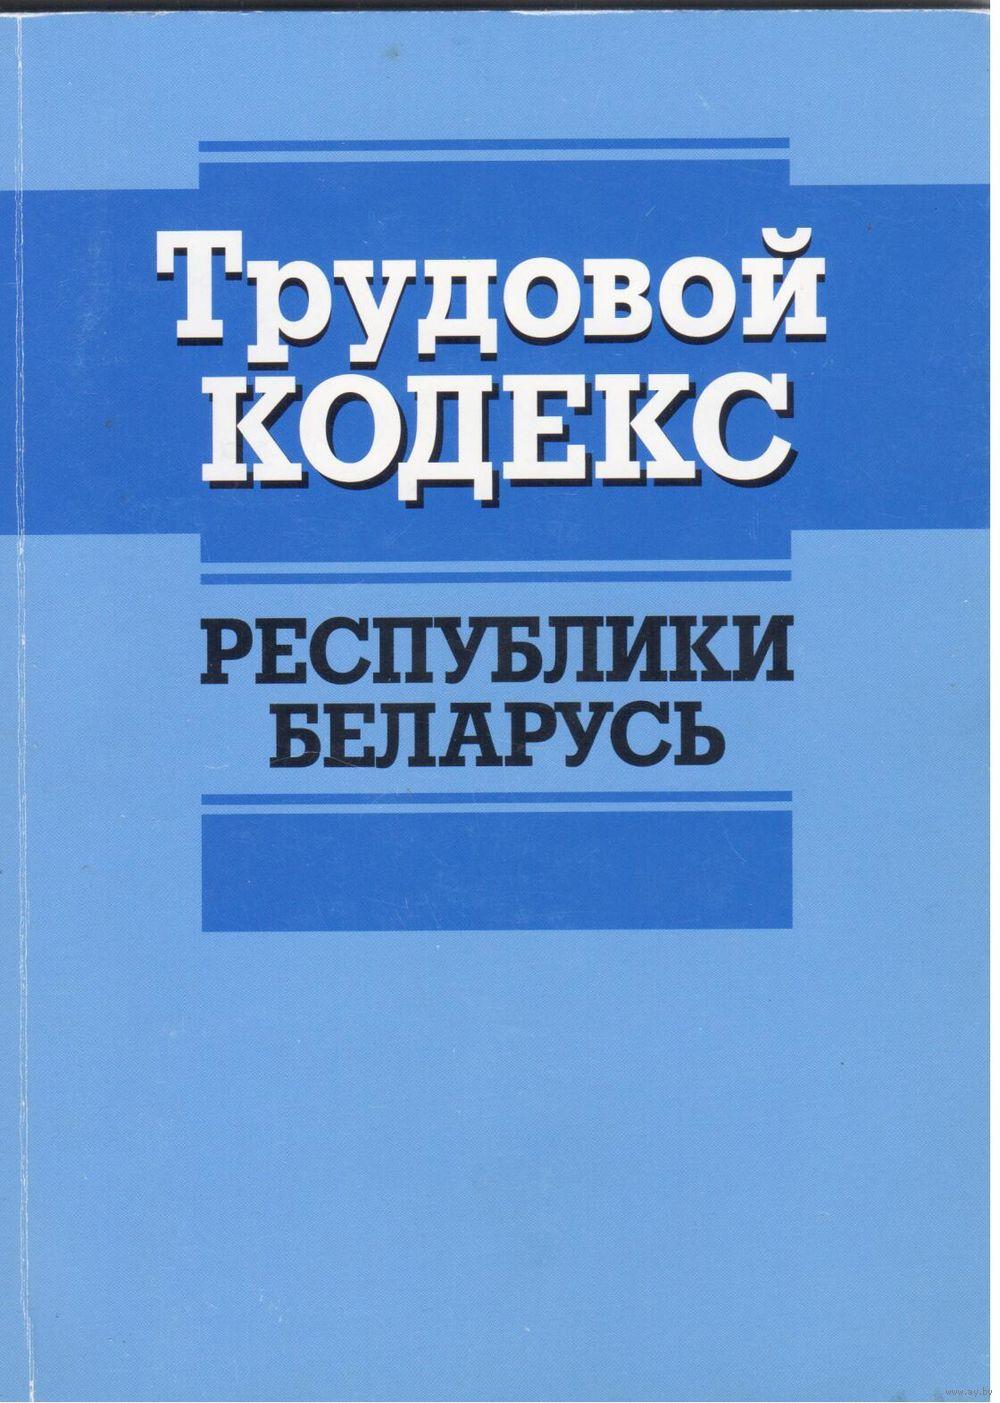 ТК РБ 4 2 МР 05 2002 СКАЧАТЬ БЕСПЛАТНО